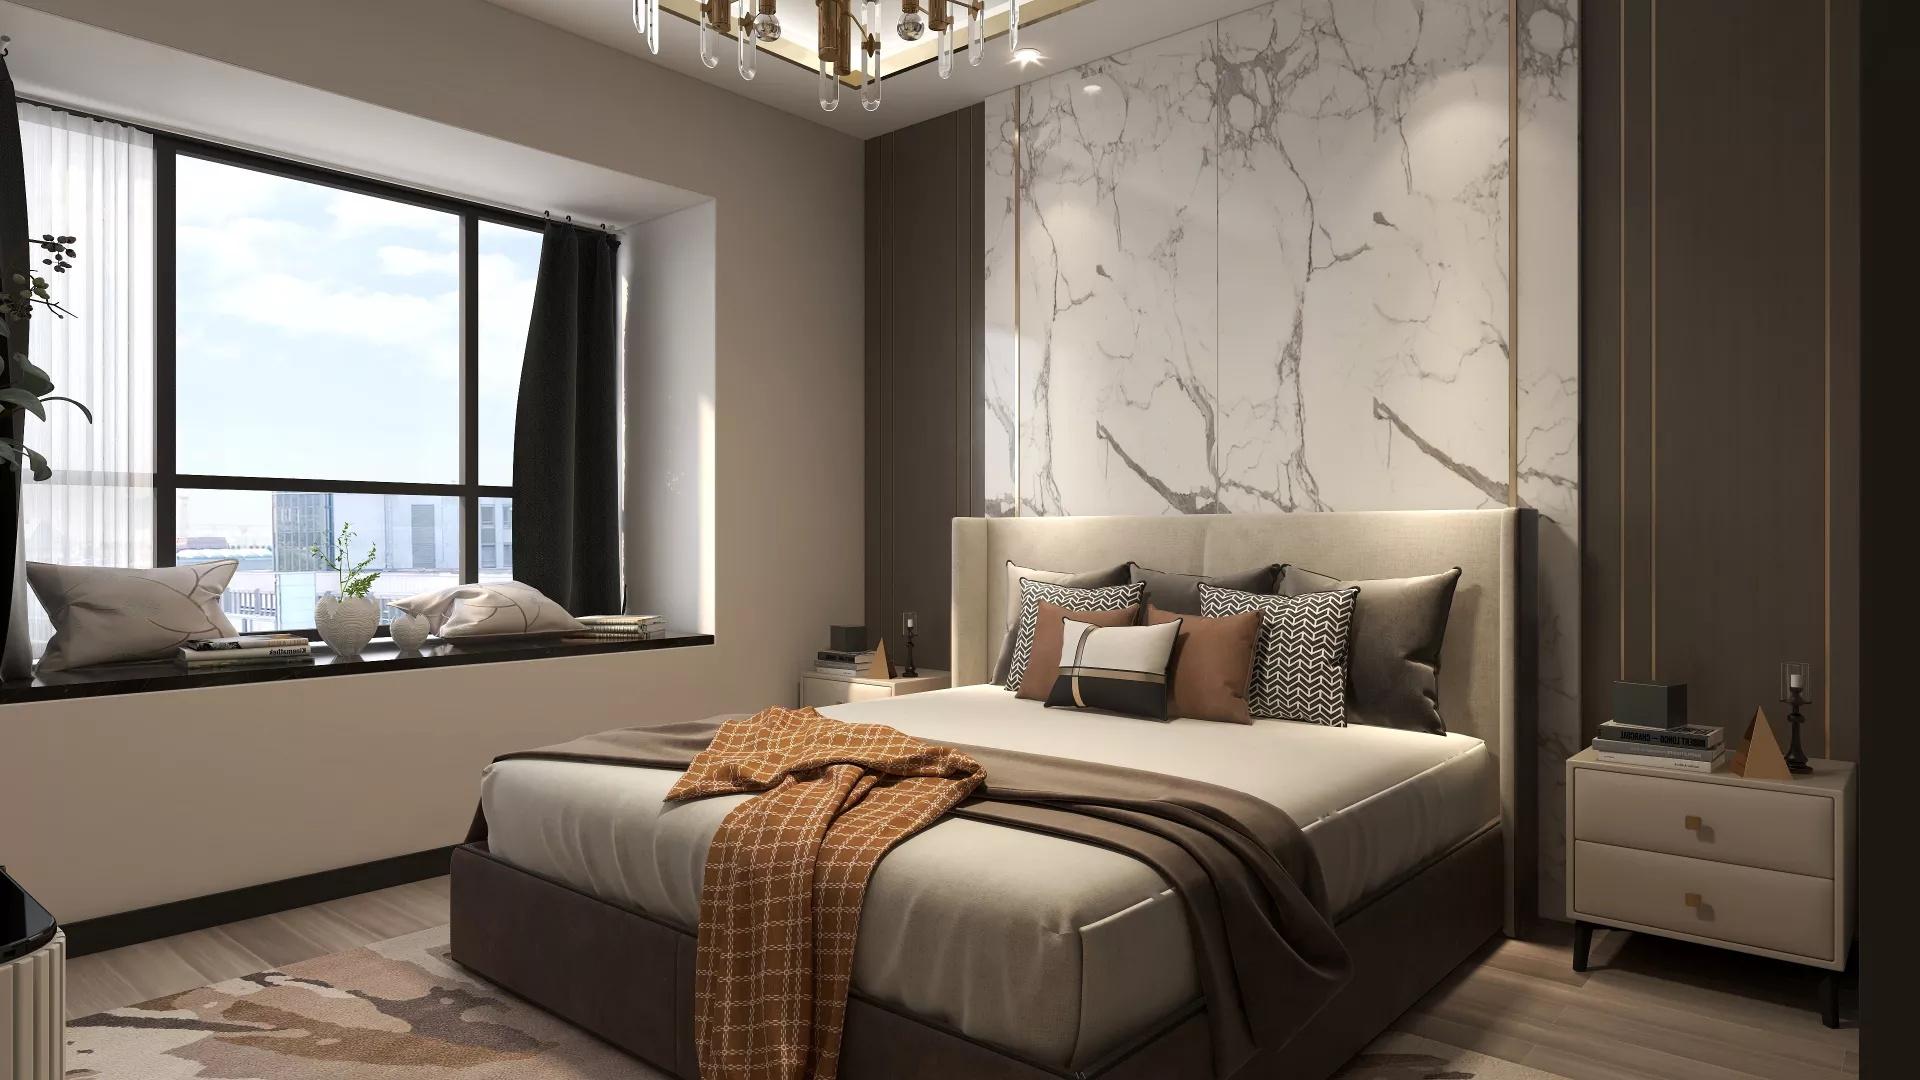 客厅,简约风格,简洁,舒适